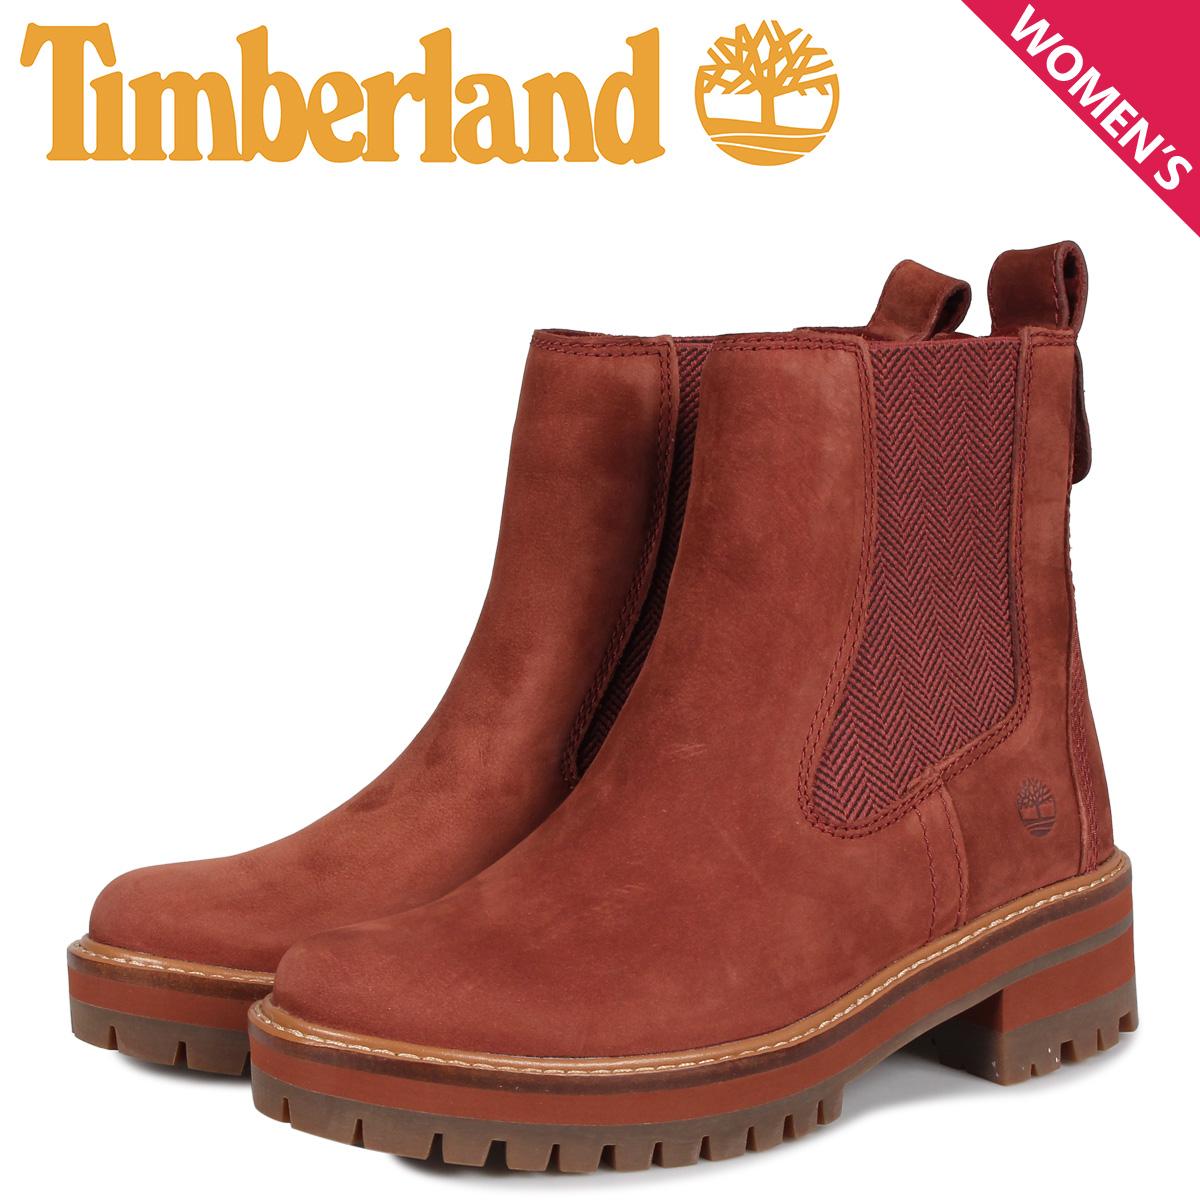 ティンバーランド Timberland ブーツ レディース チェルシー クールマイヨール バレー WOMENS COURMAYEUR VALLEY CHELSEA BOOTS ブラウン A23WJ